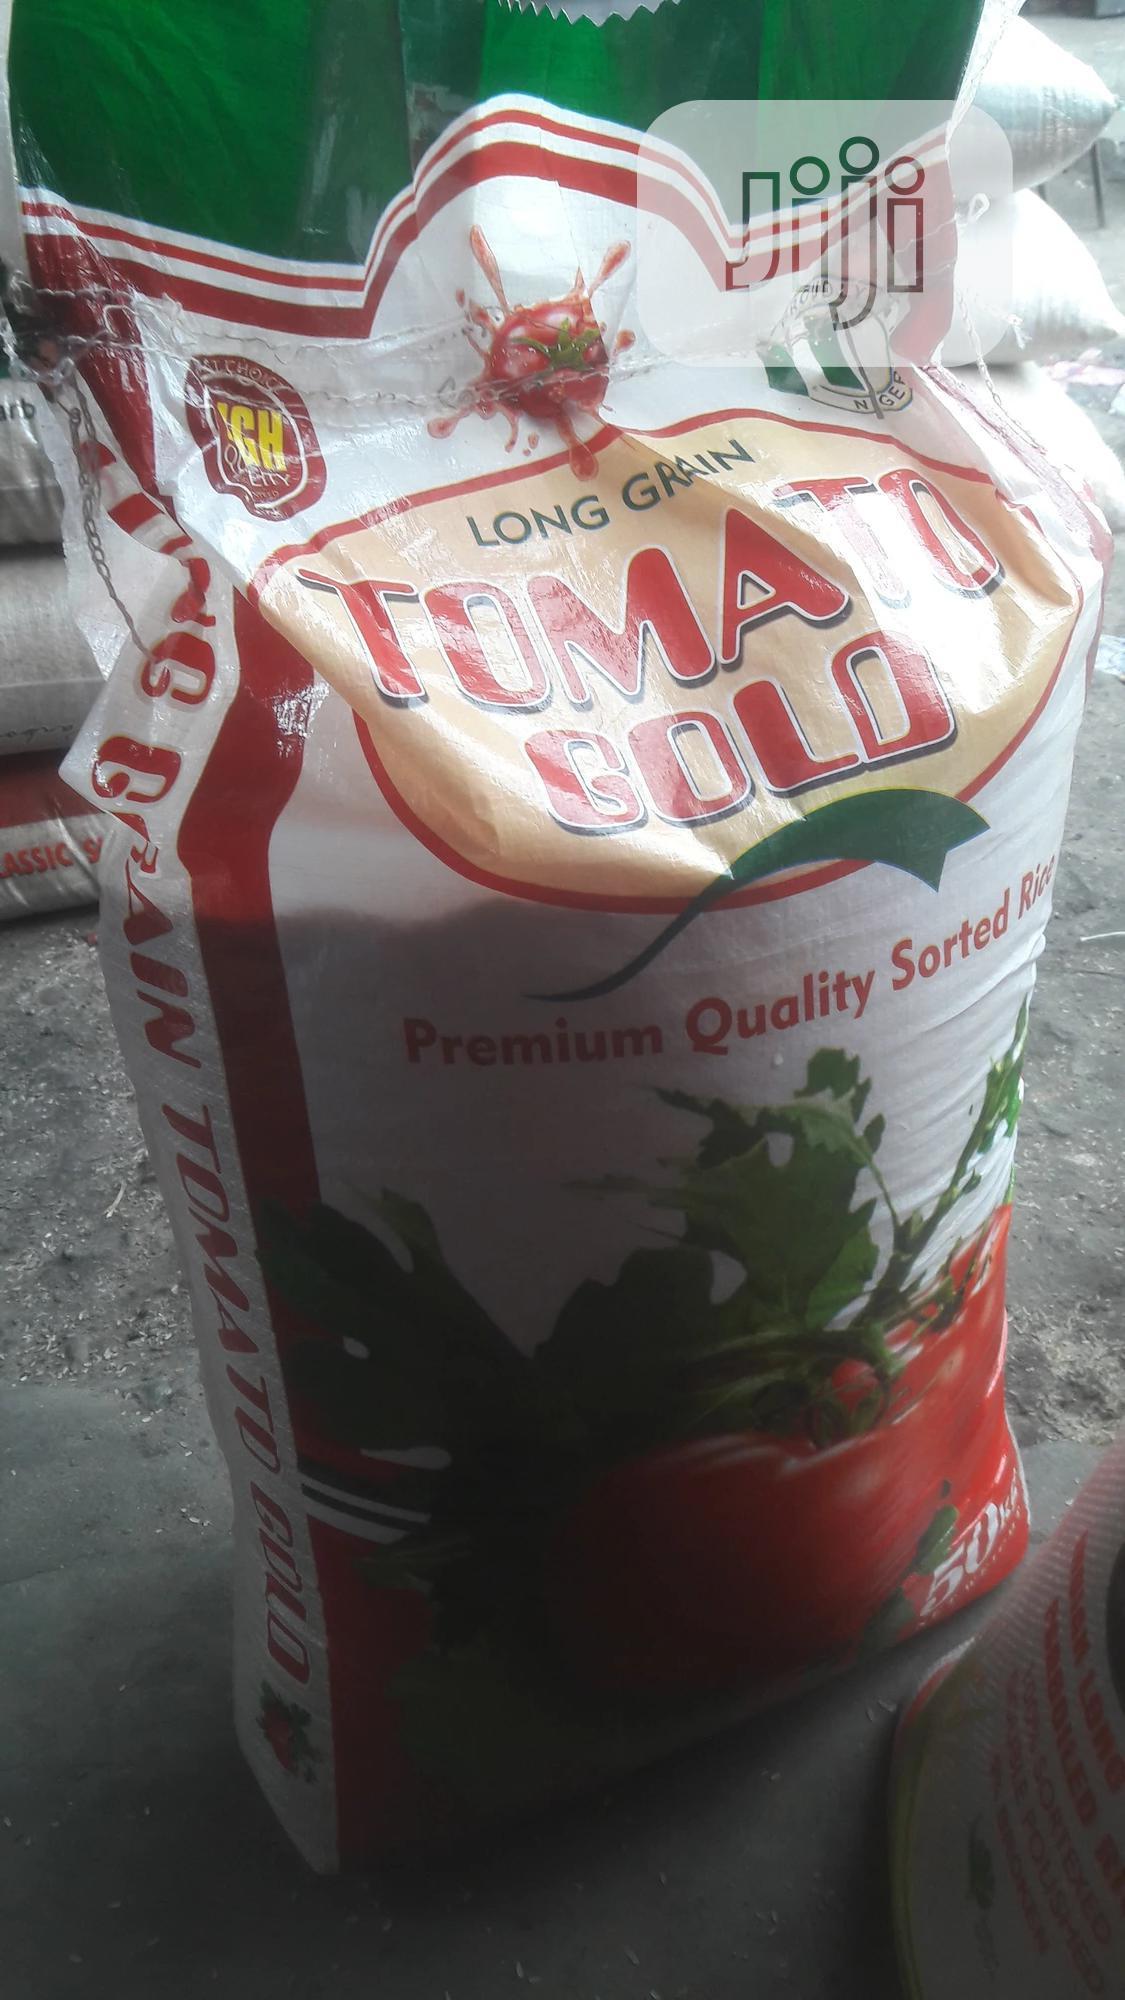 Tomato Gold Stone Free Rice